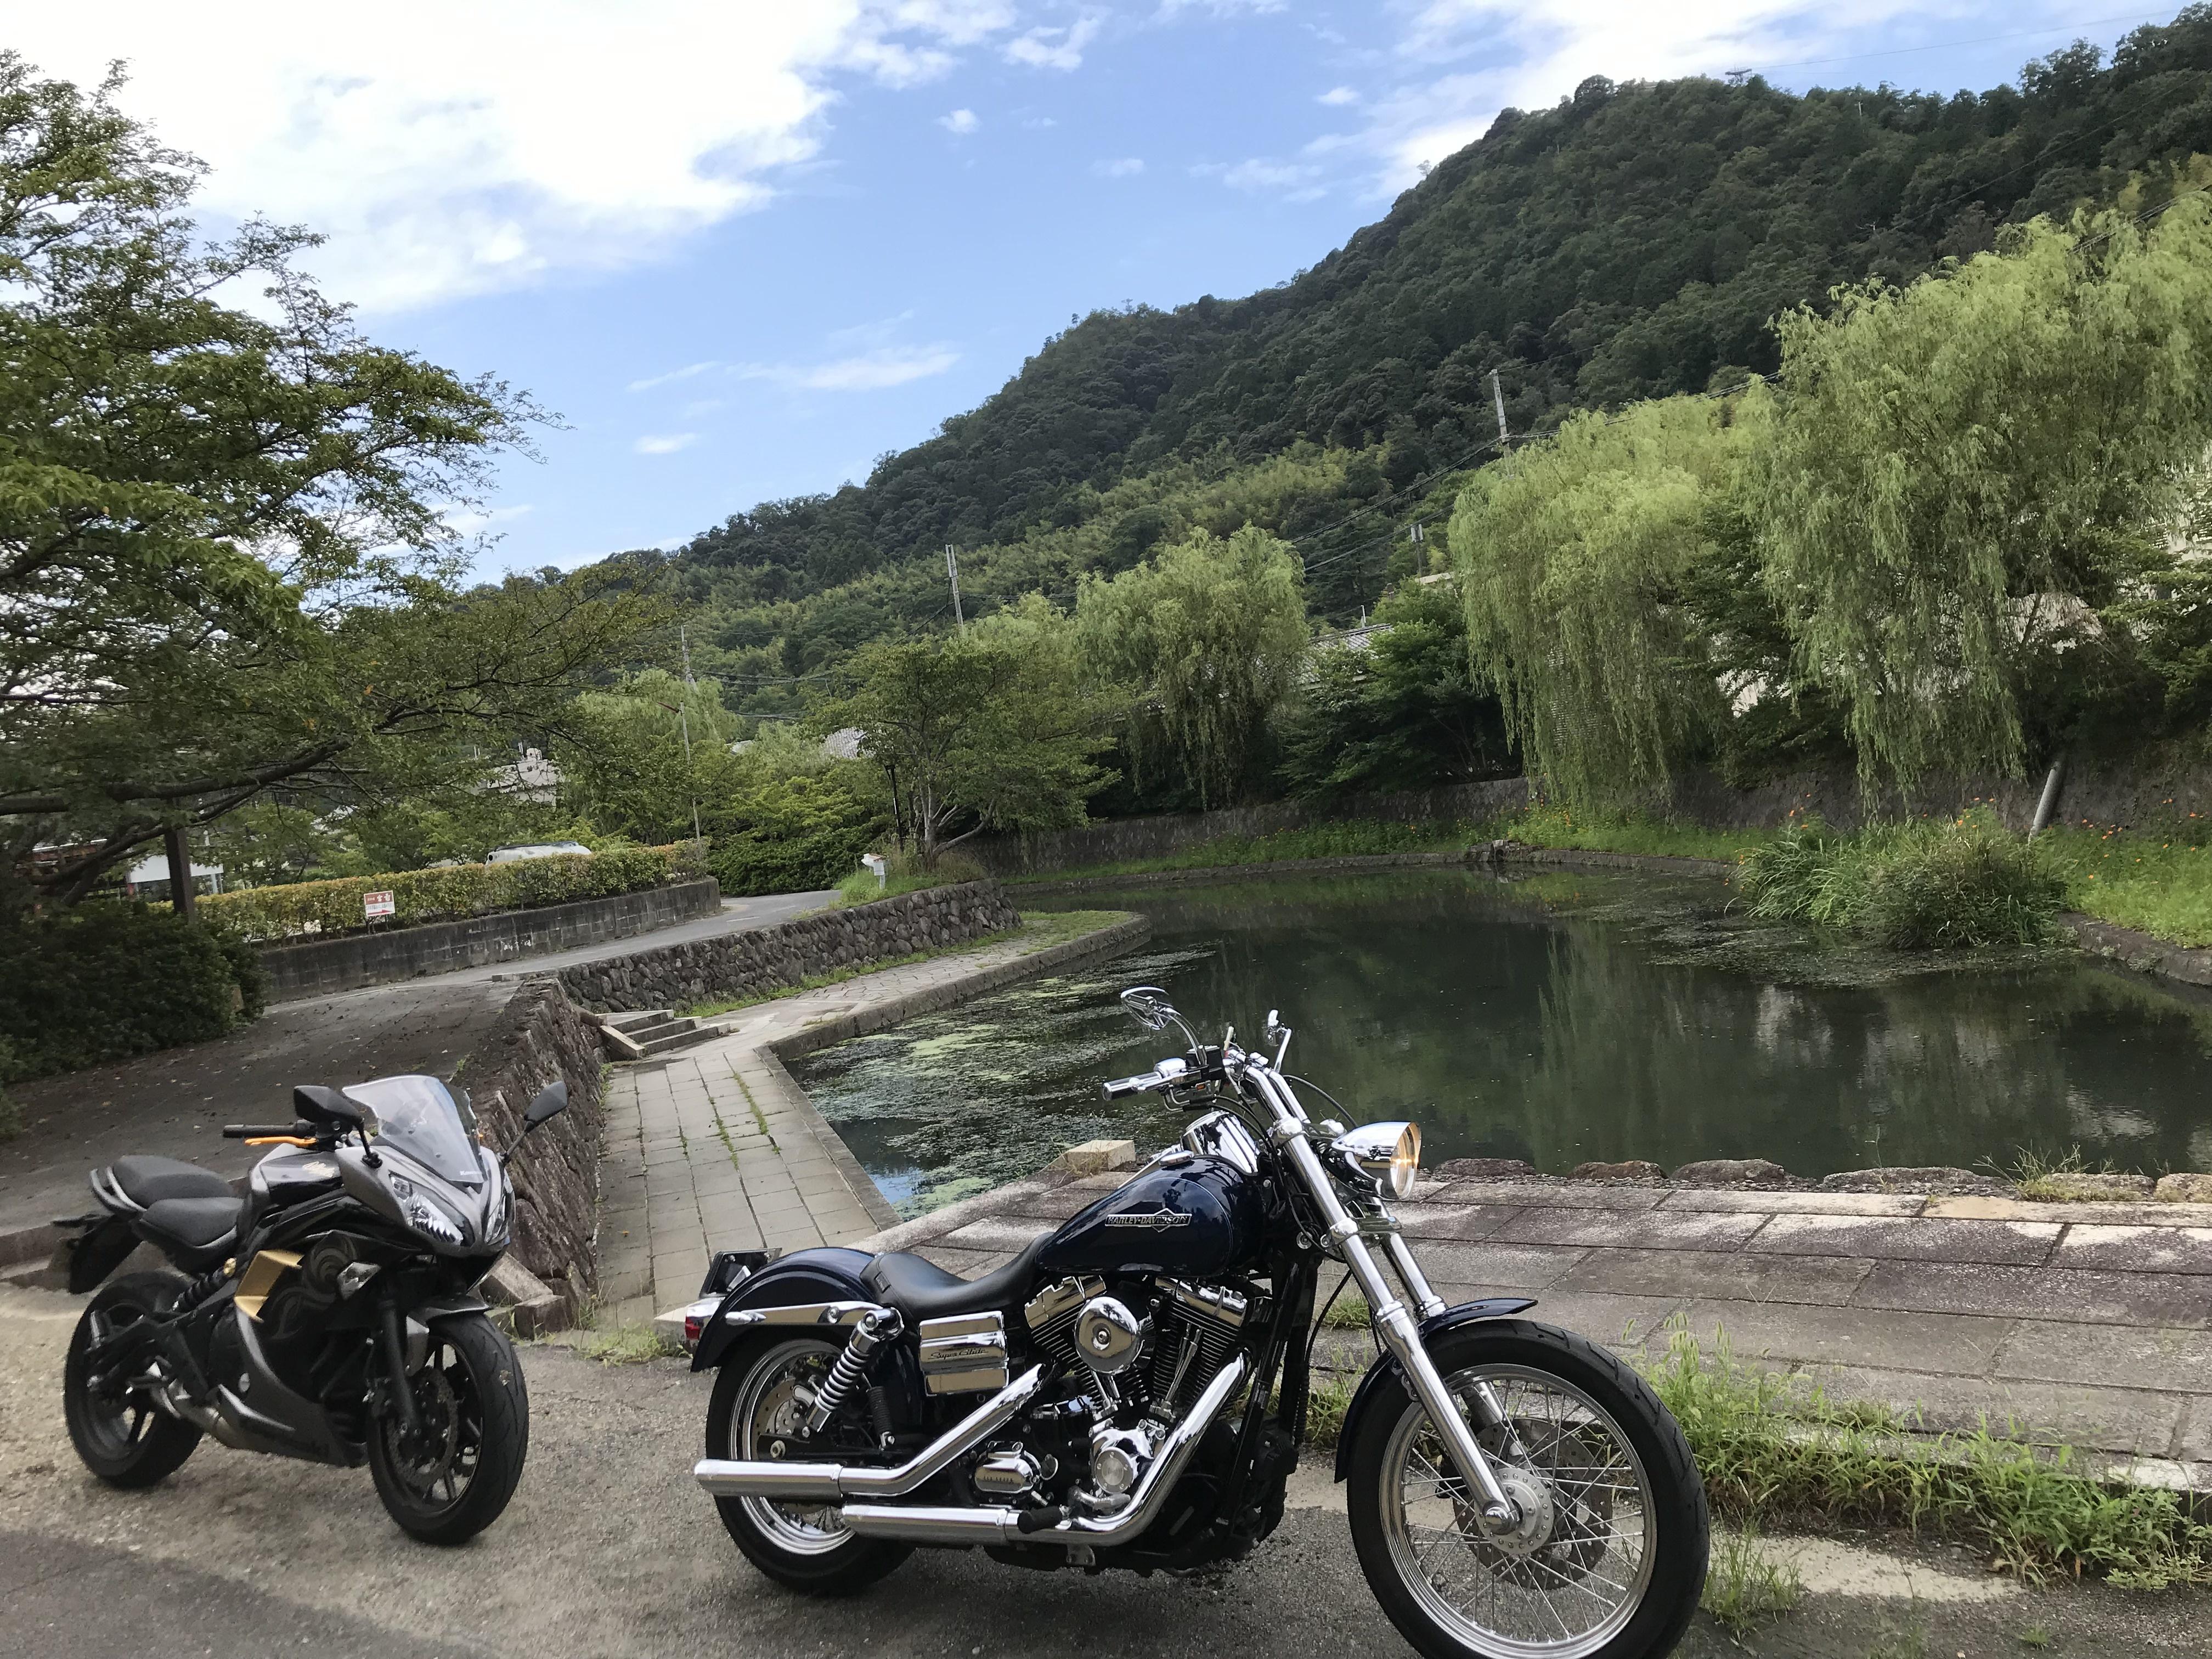 ハーレーとカワサキで行く近江八幡ツーリング 八幡堀 船着場